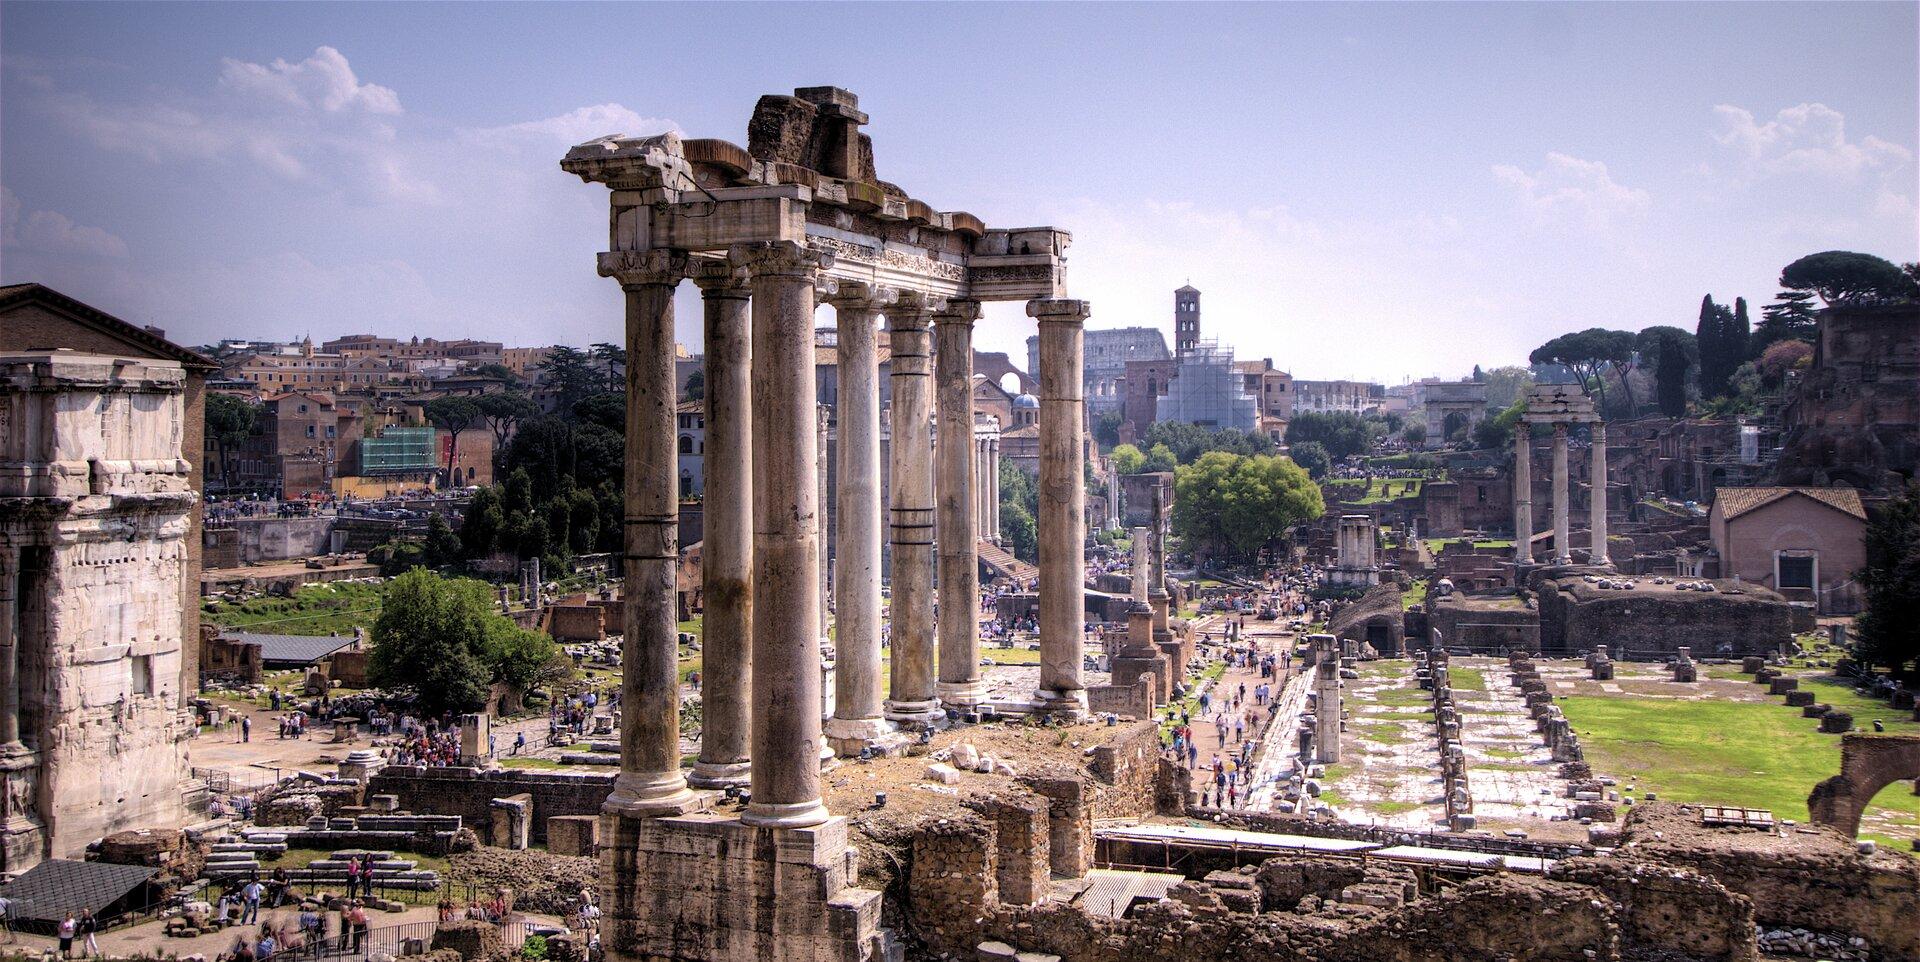 Na zdjęciu rozległy plac, ruiny starożytnych budowli, pozostałości świątyni, kolumny. Dużo osób zwiedzających.